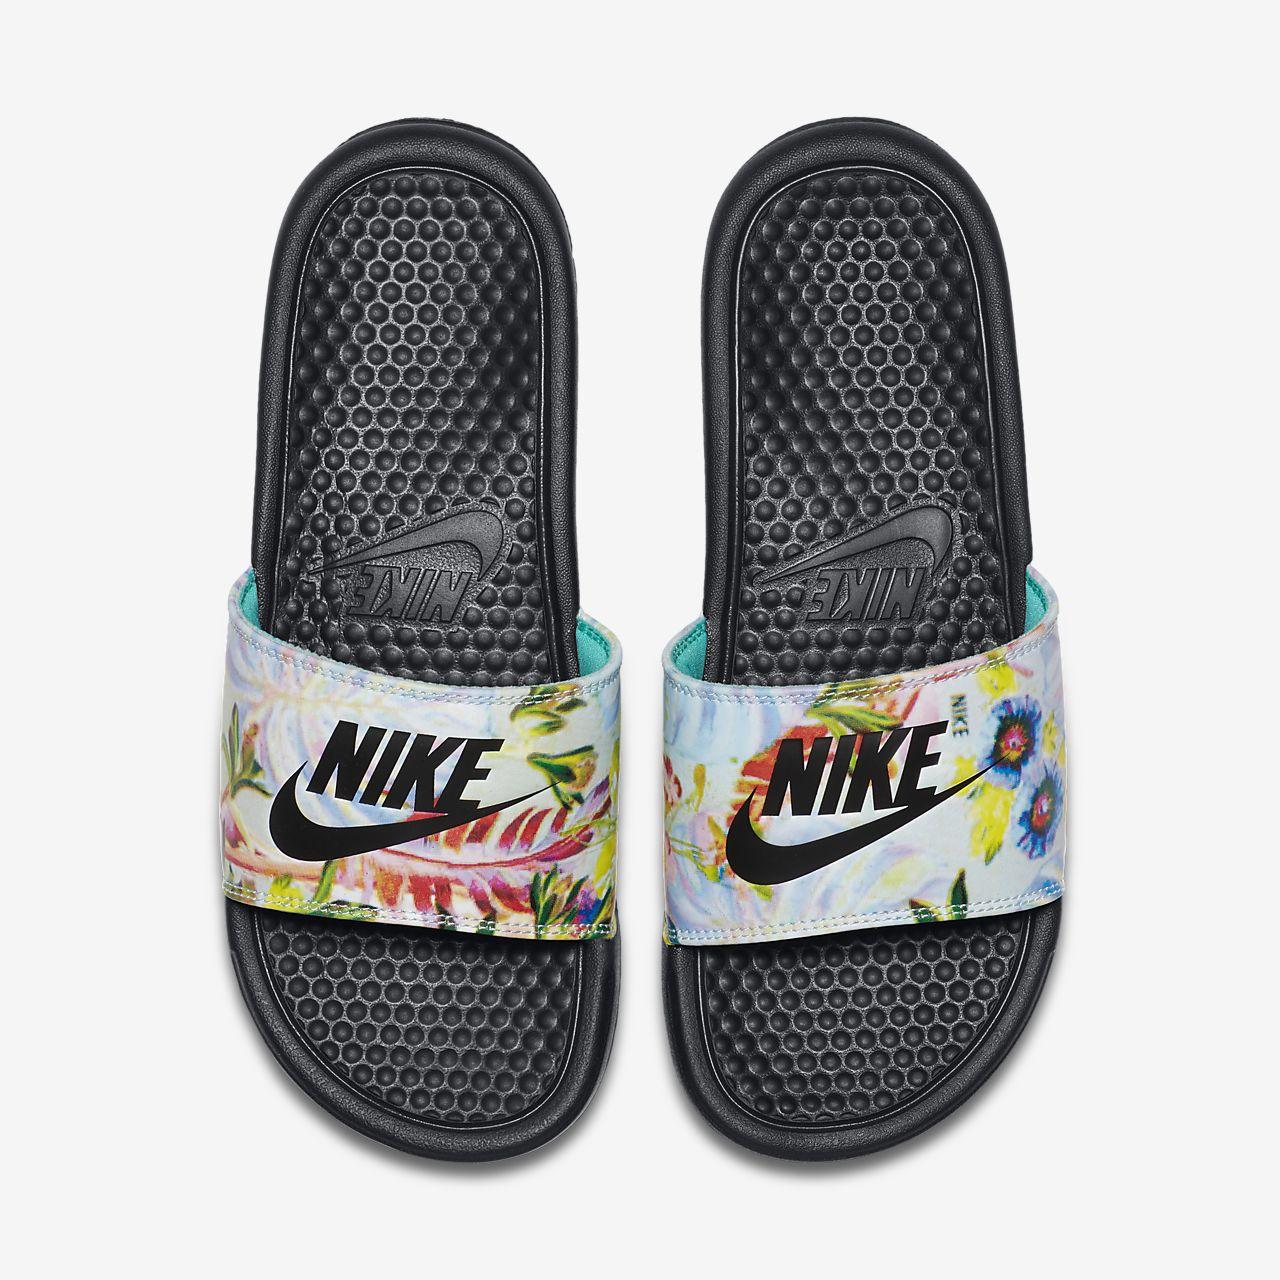 premium selection dcd0e 608e8 ... Claquette Nike Benassi JDI Floral pour Femme